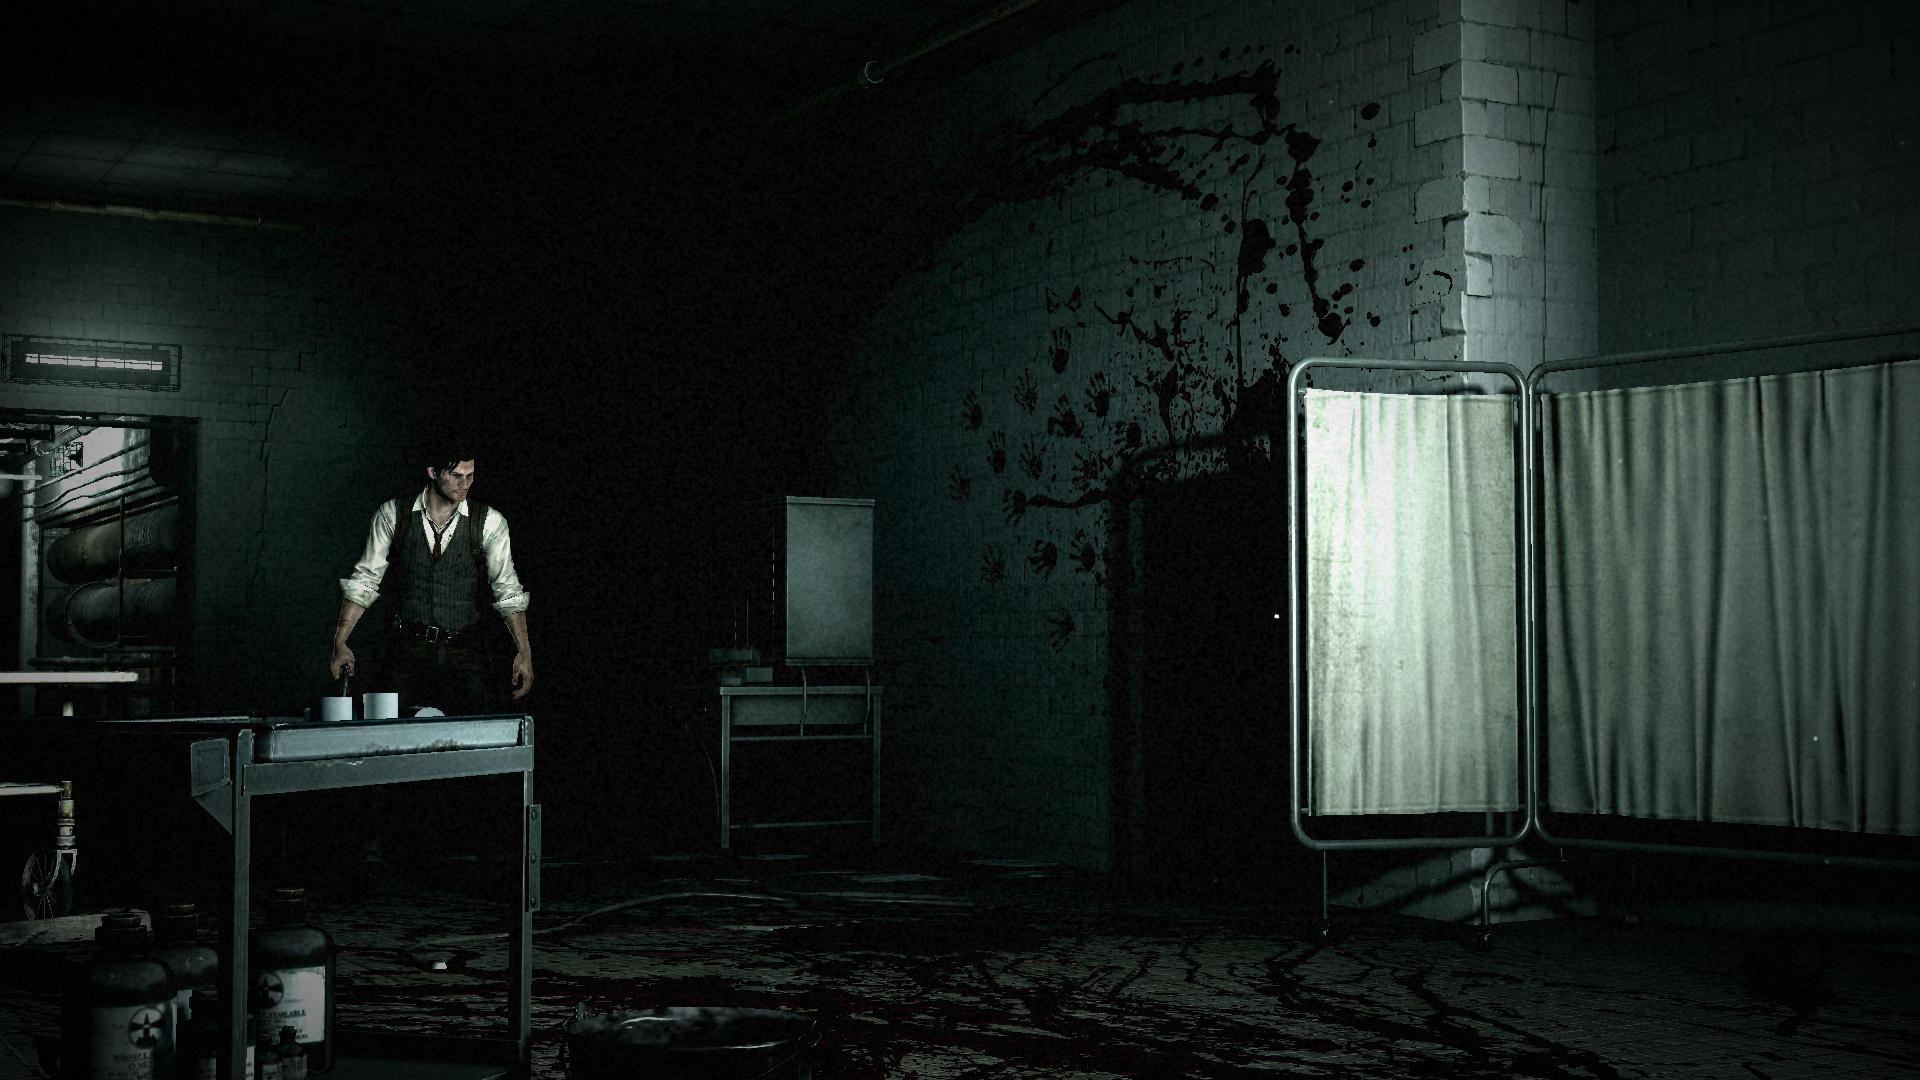 Obrazem: Nezáviděné situace detektiva v hororu The Evil Within 85423